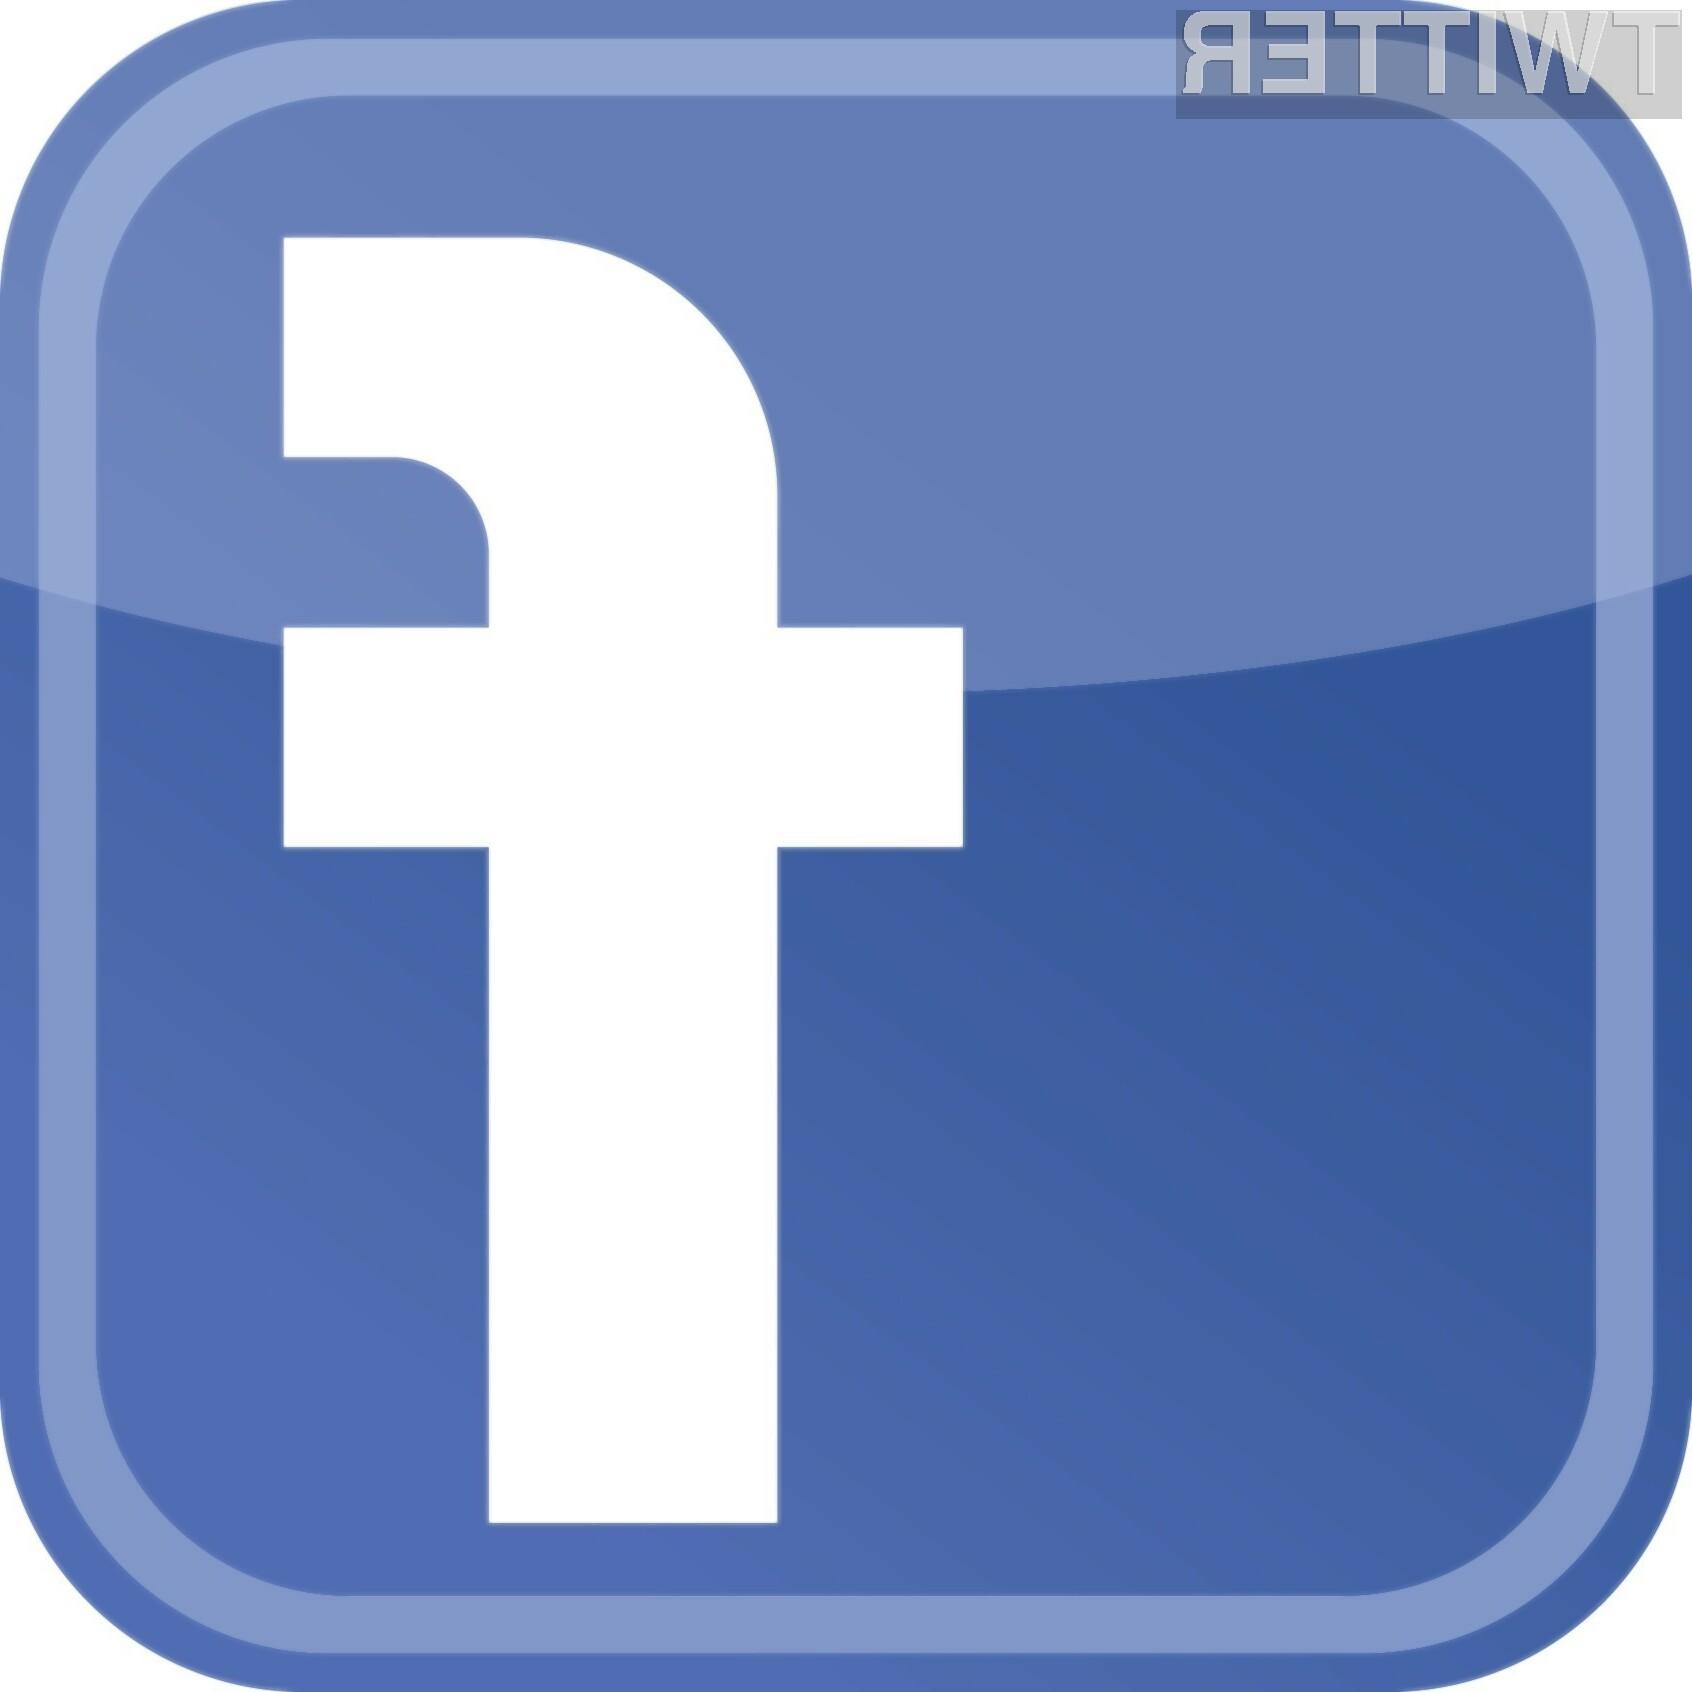 Facebook hrani naše pogovore še nekaj časa po našem izbrisu.